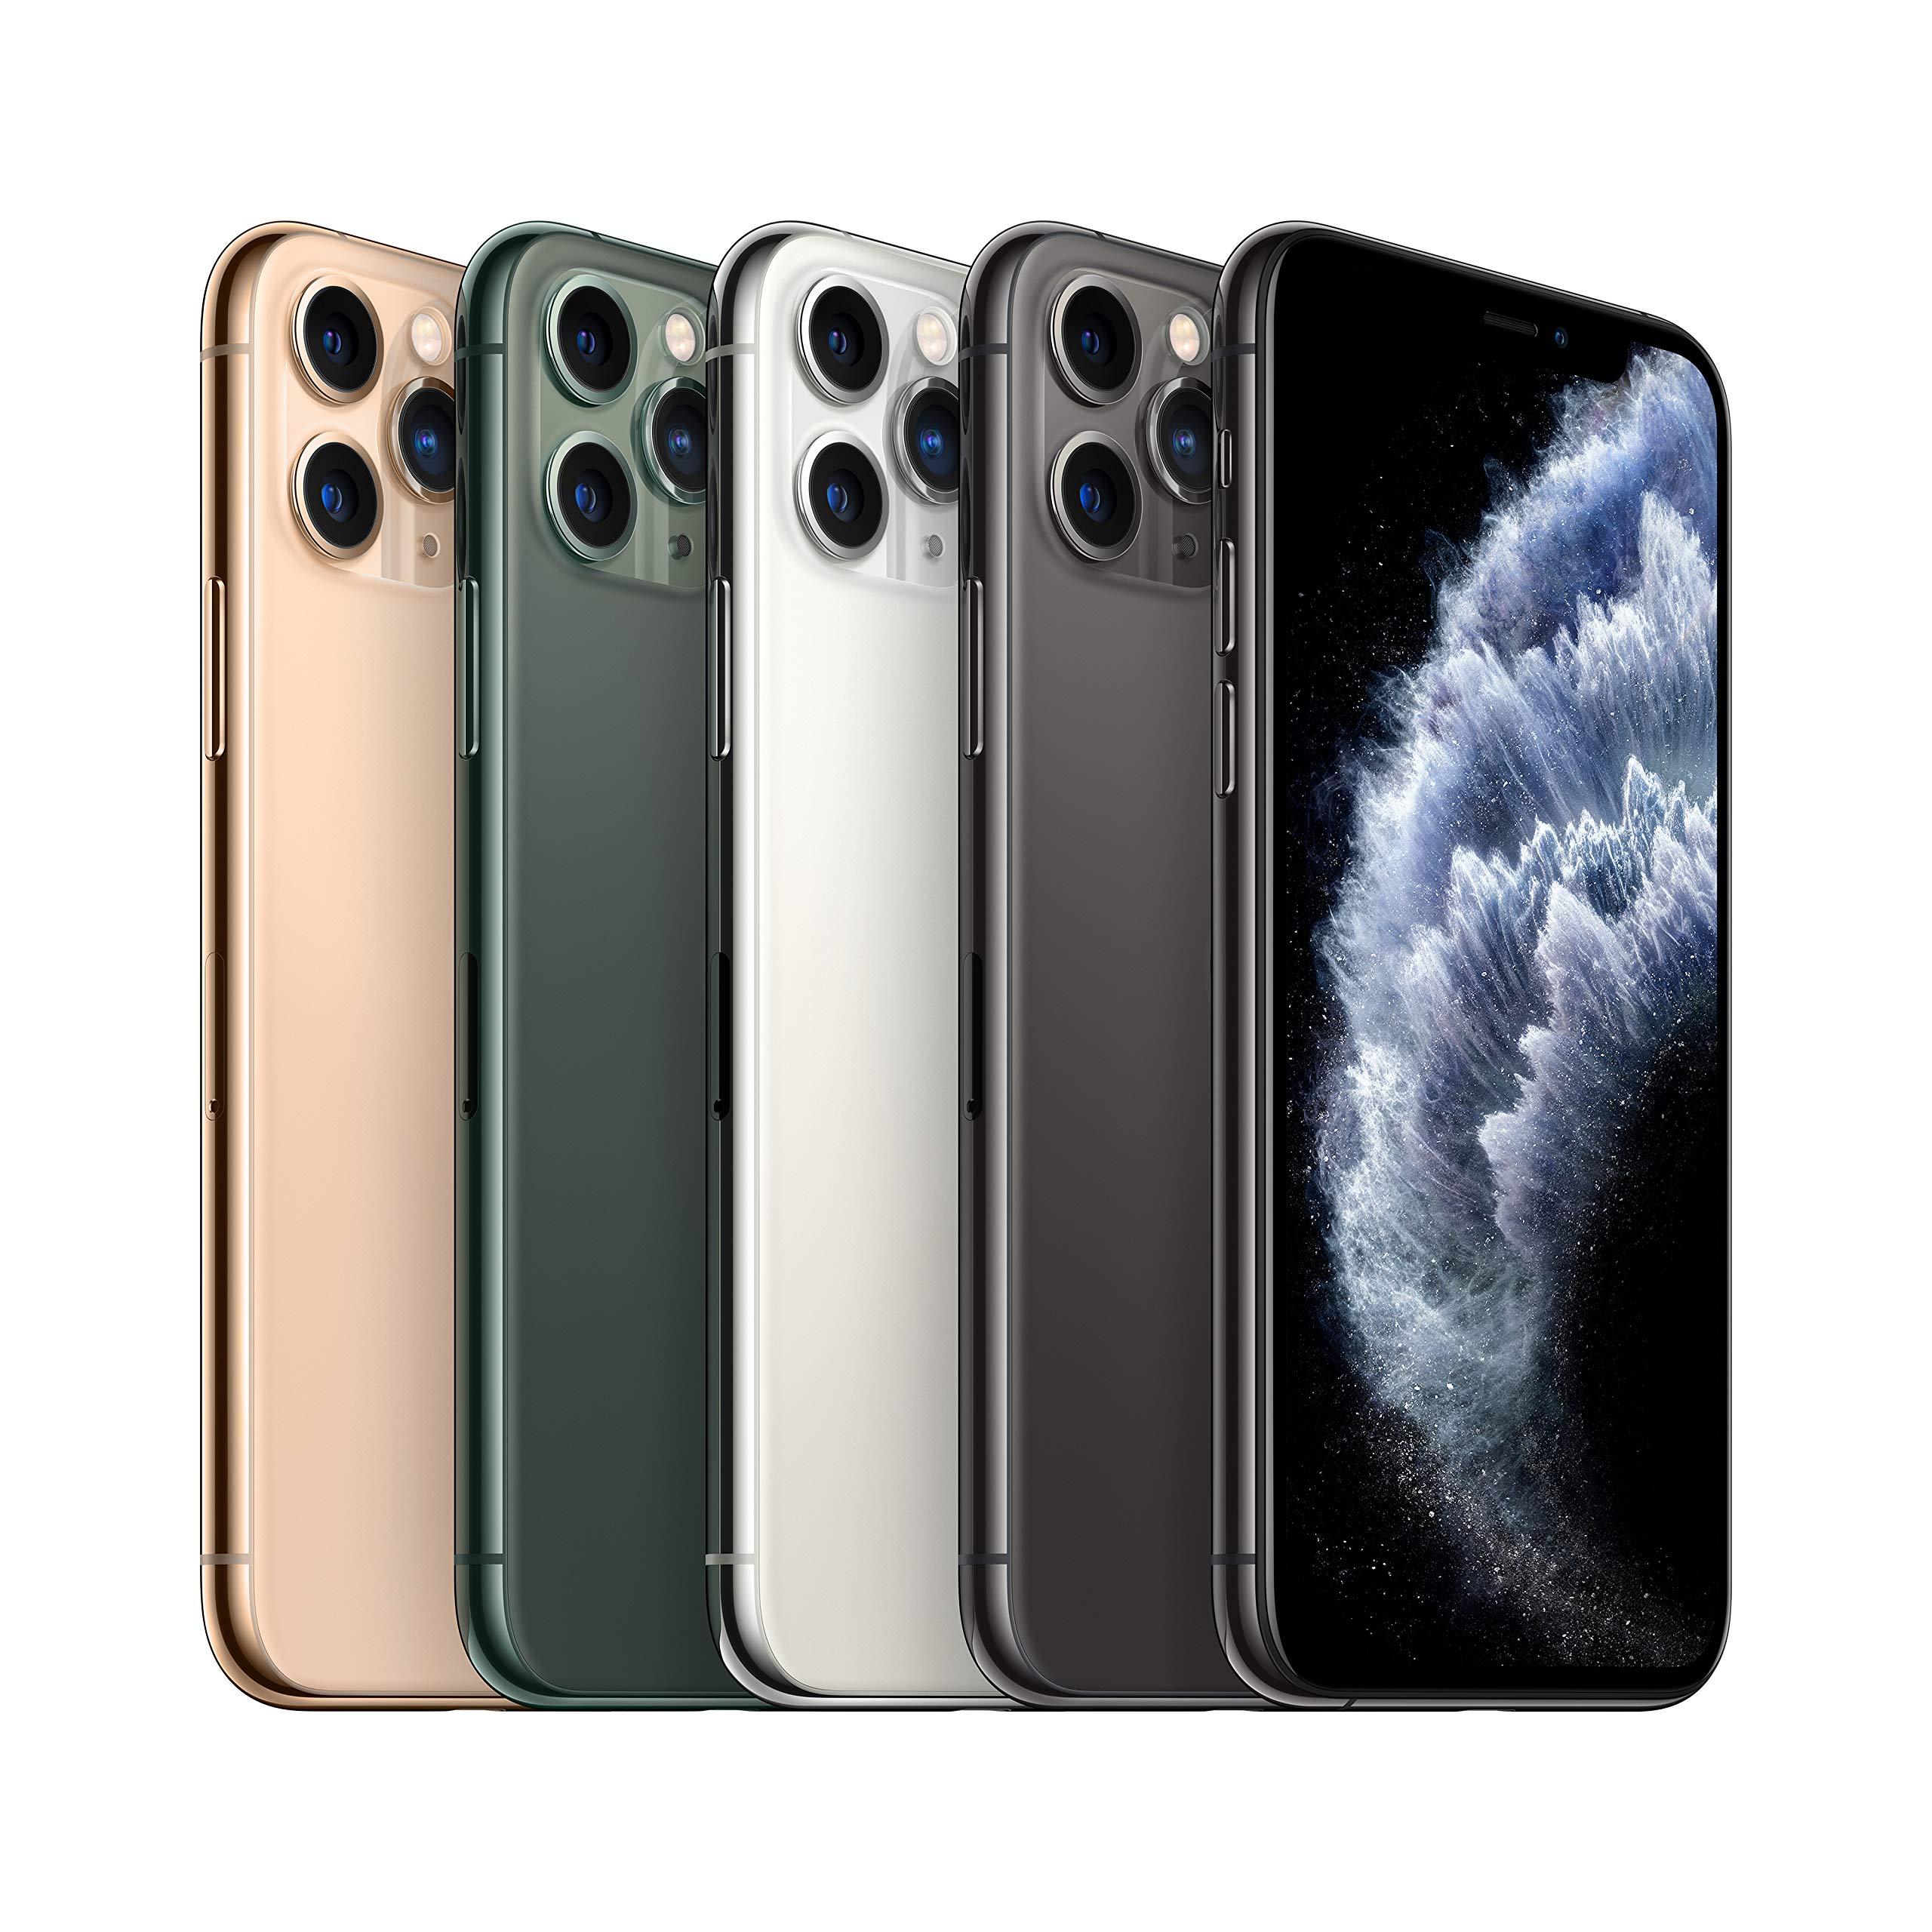 Apple iPhone 11 4 - 9 iPhone dans le top 10 des appareils activés aux Etats-Unis